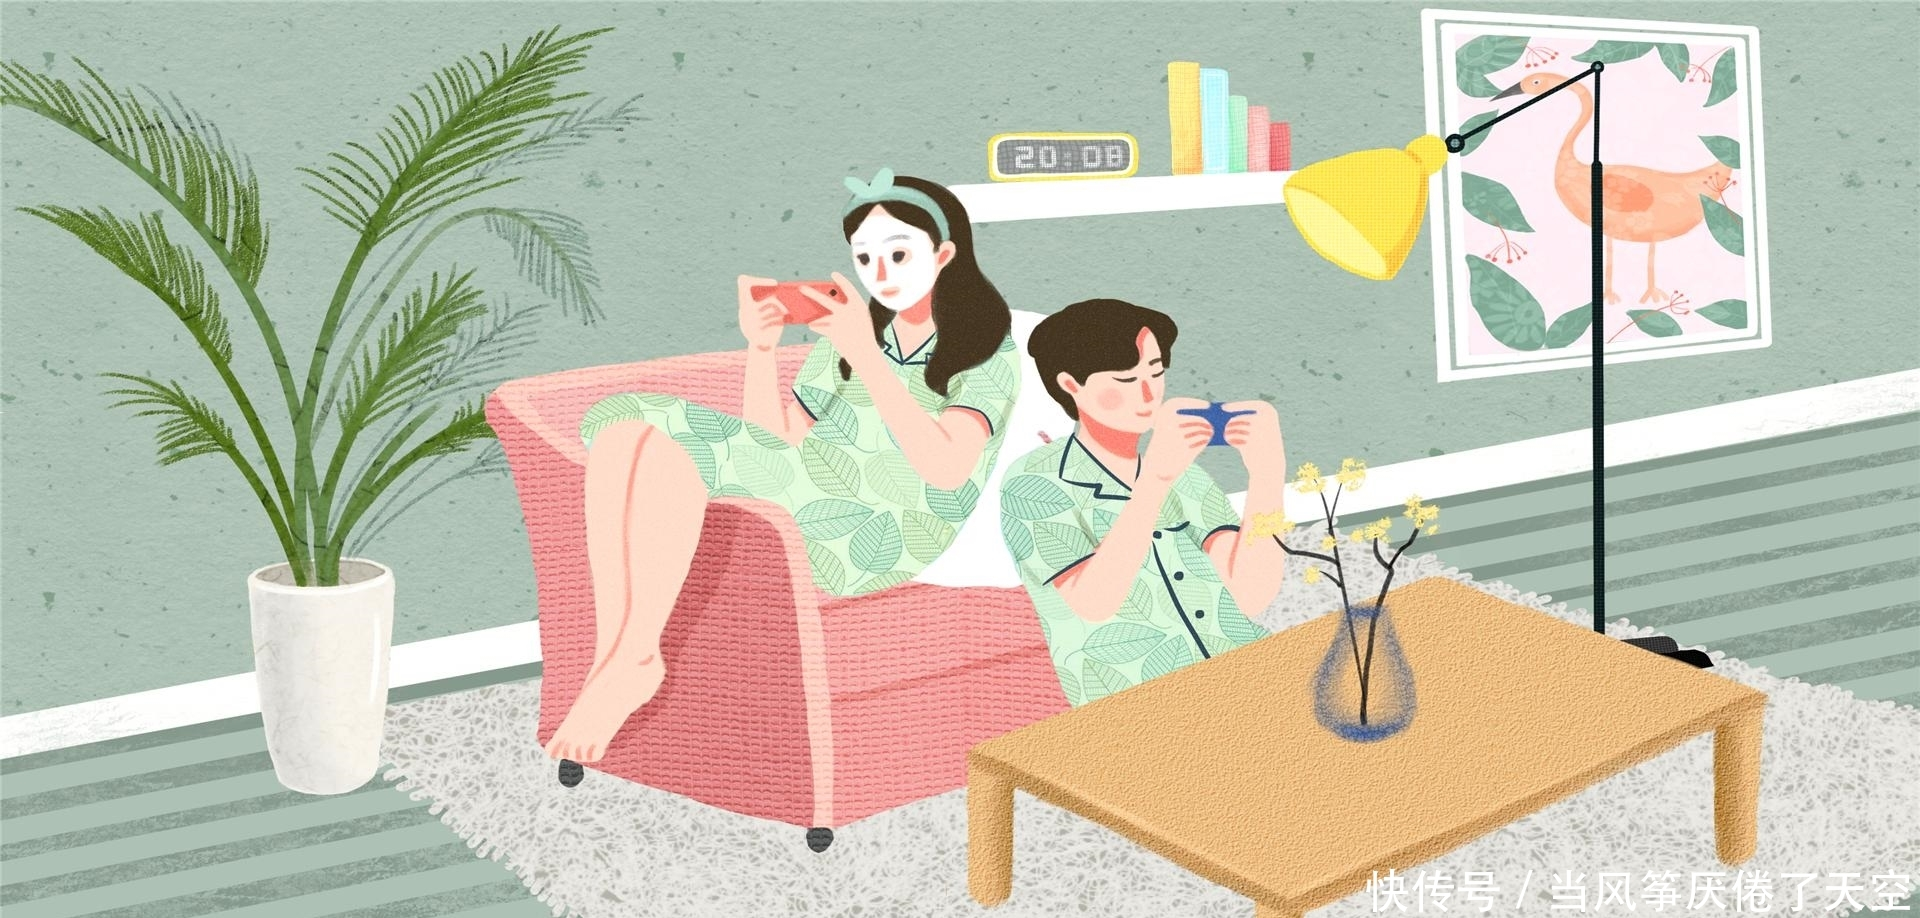 心理学:越是情商高的女人,越不喜欢与人交往